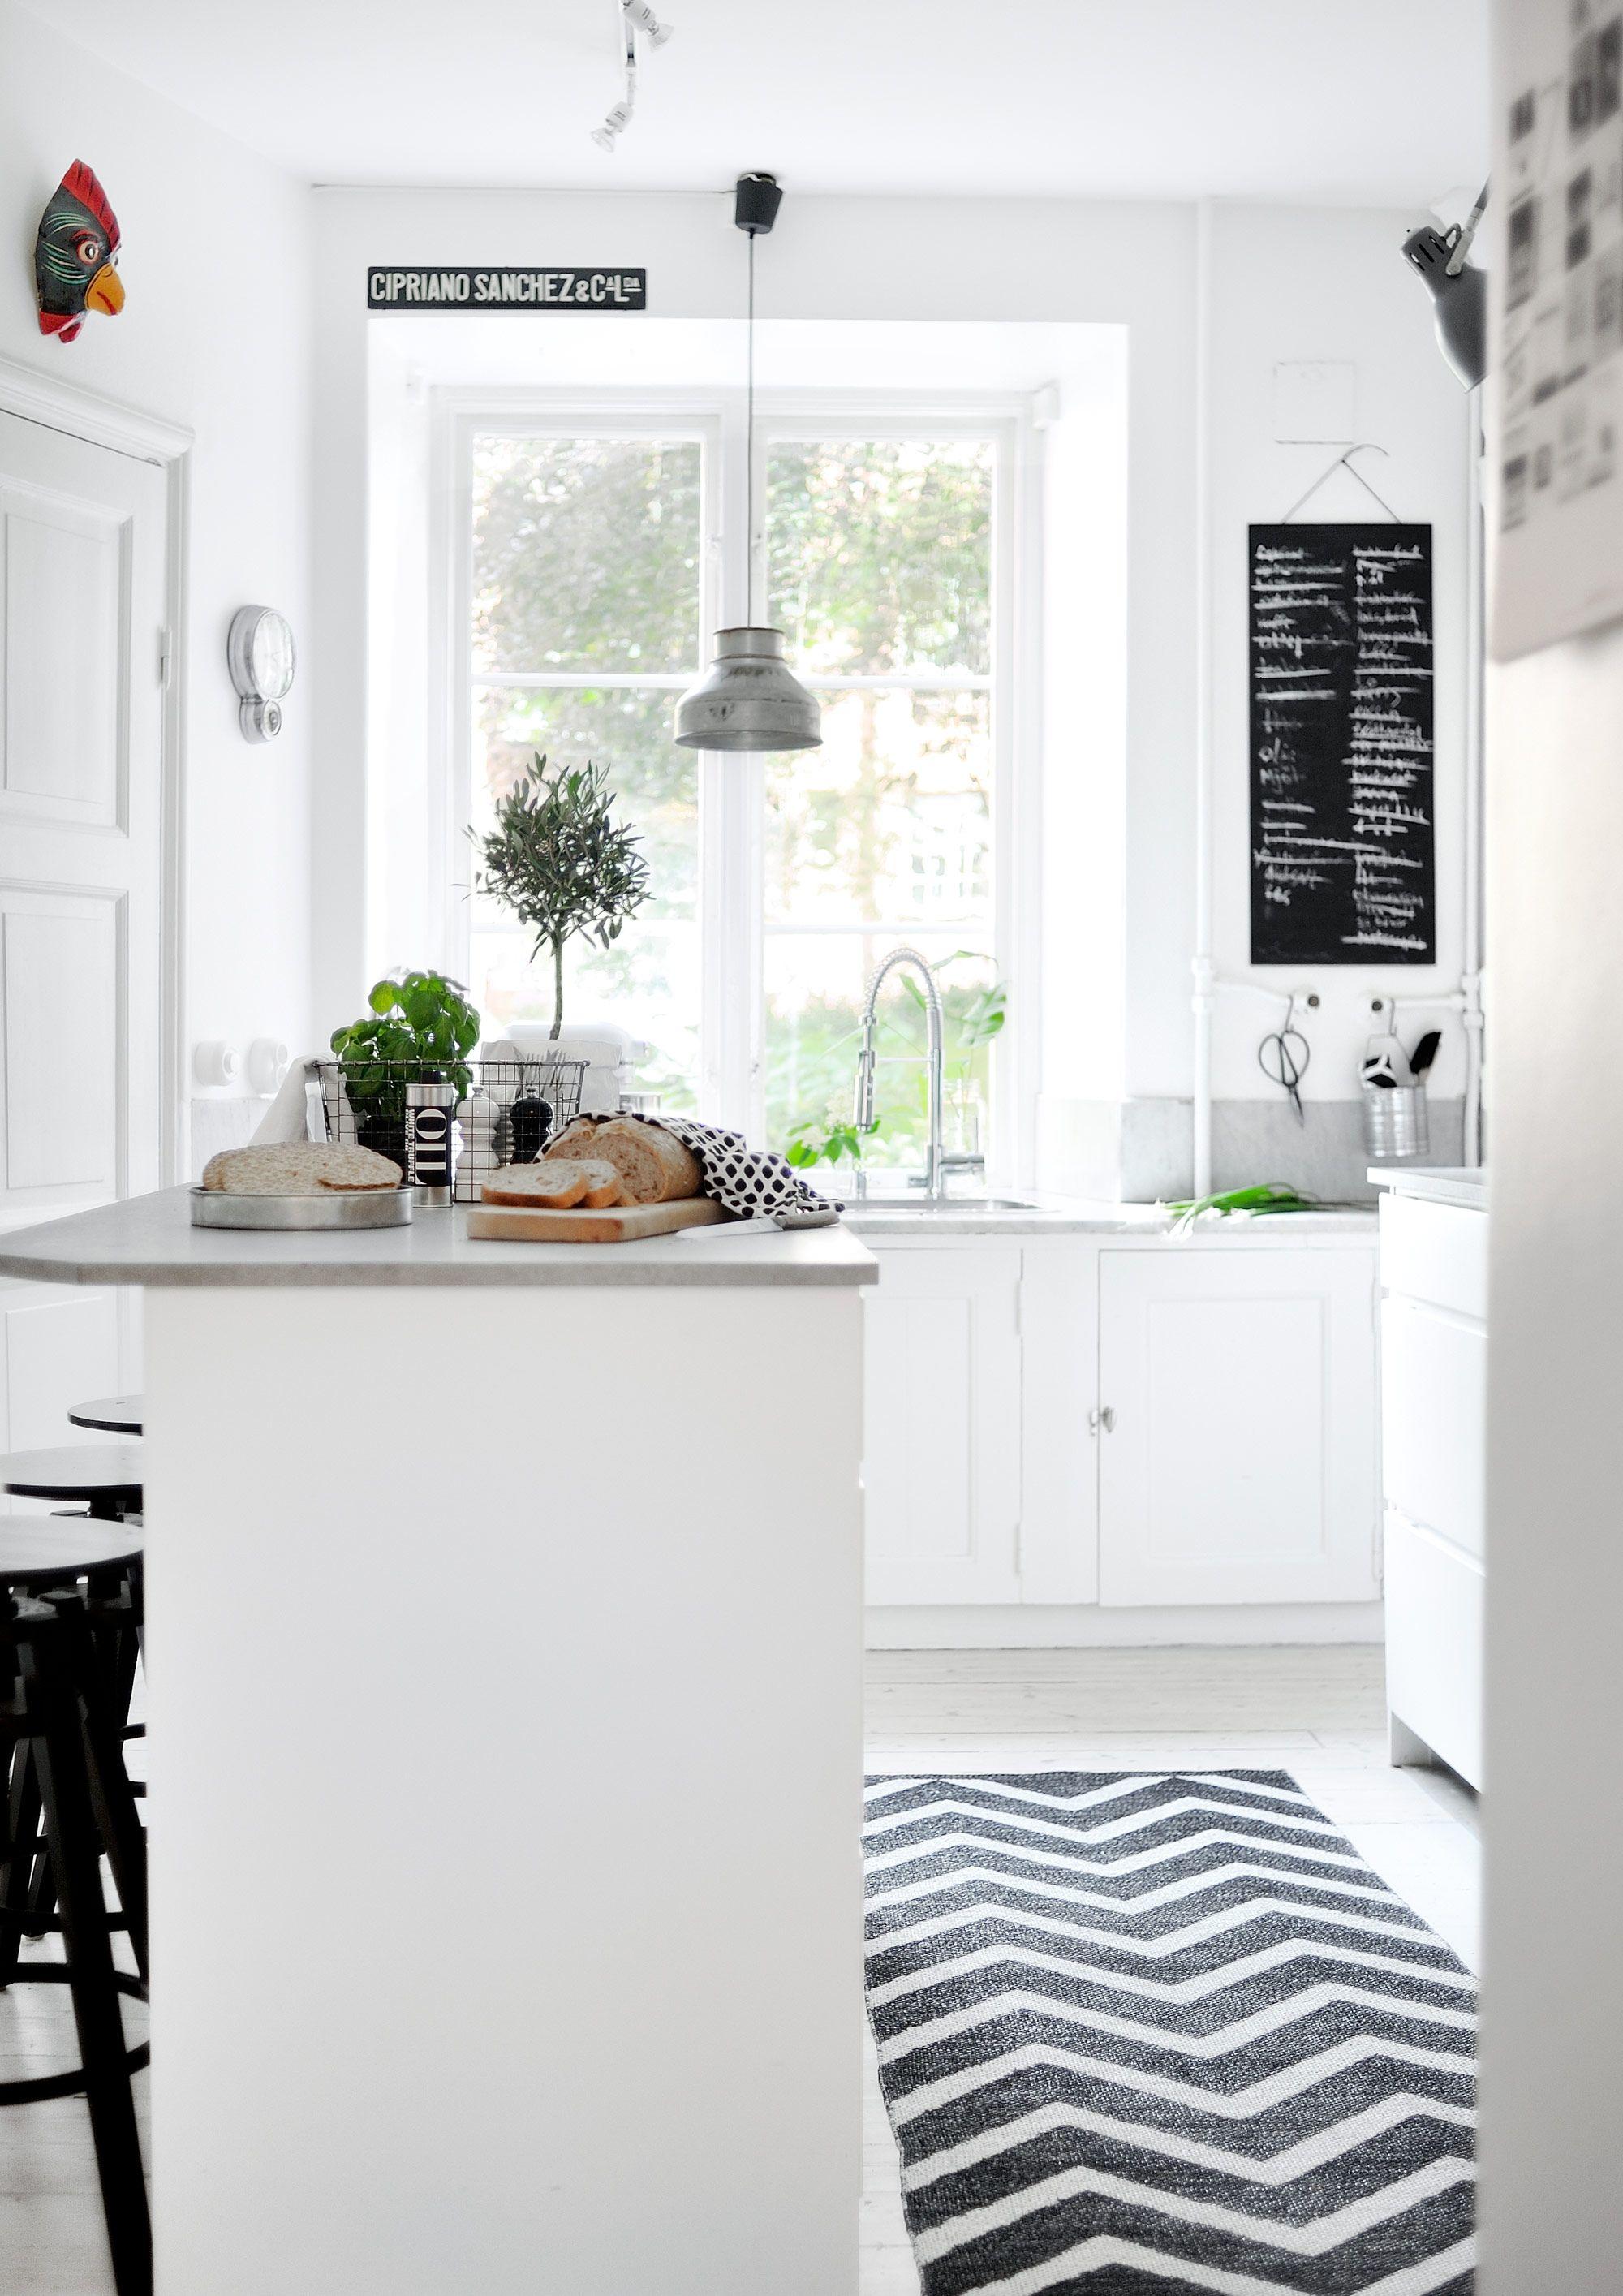 Cocina con toque bohemio y chic   Estilo Escandinavo   Kitchens ...